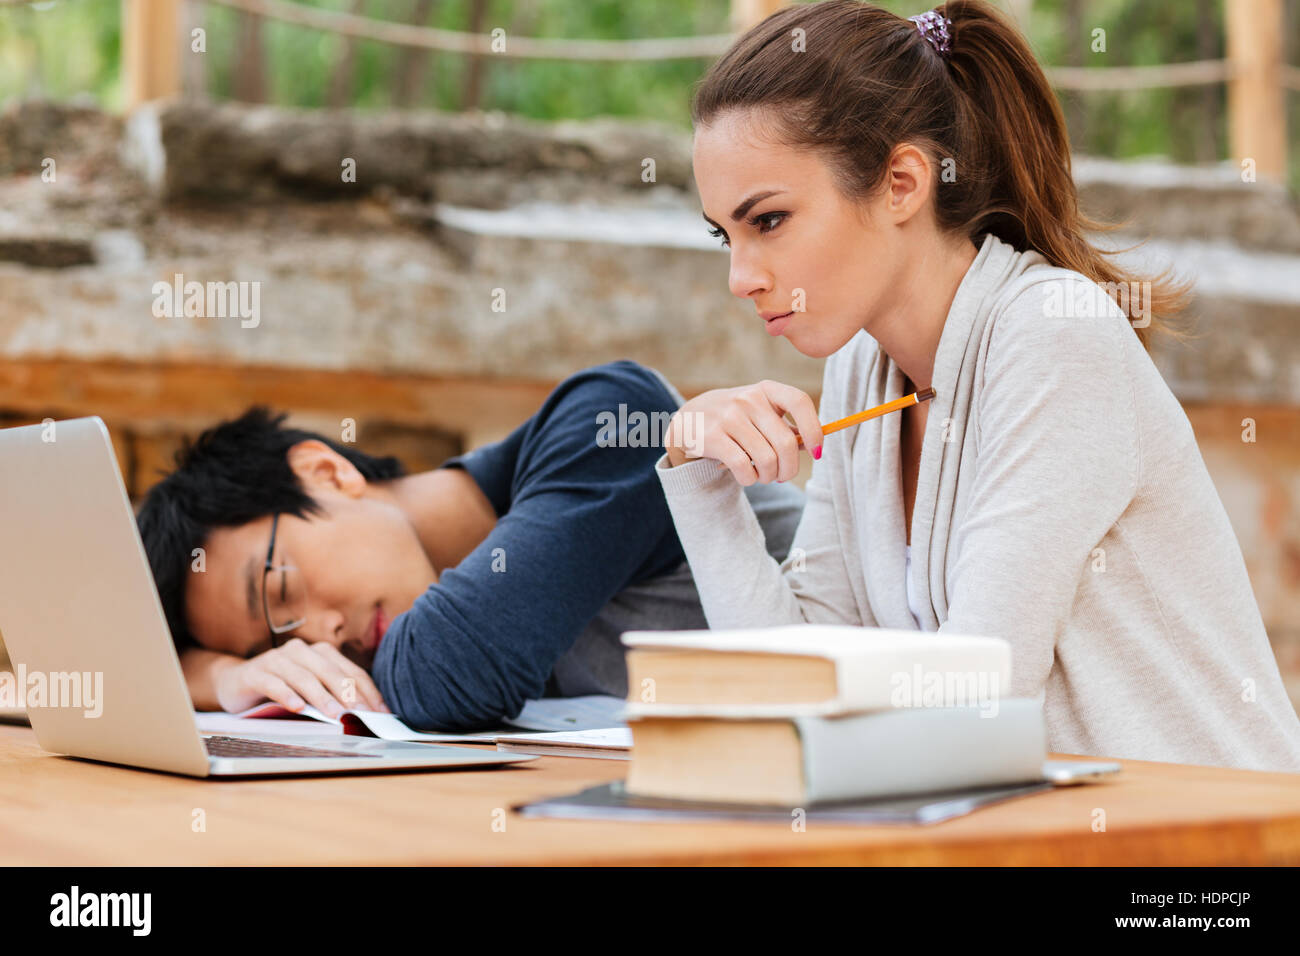 Jeune femme assise concentré et étudier près de l'homme dormir sur le bureau Photo Stock